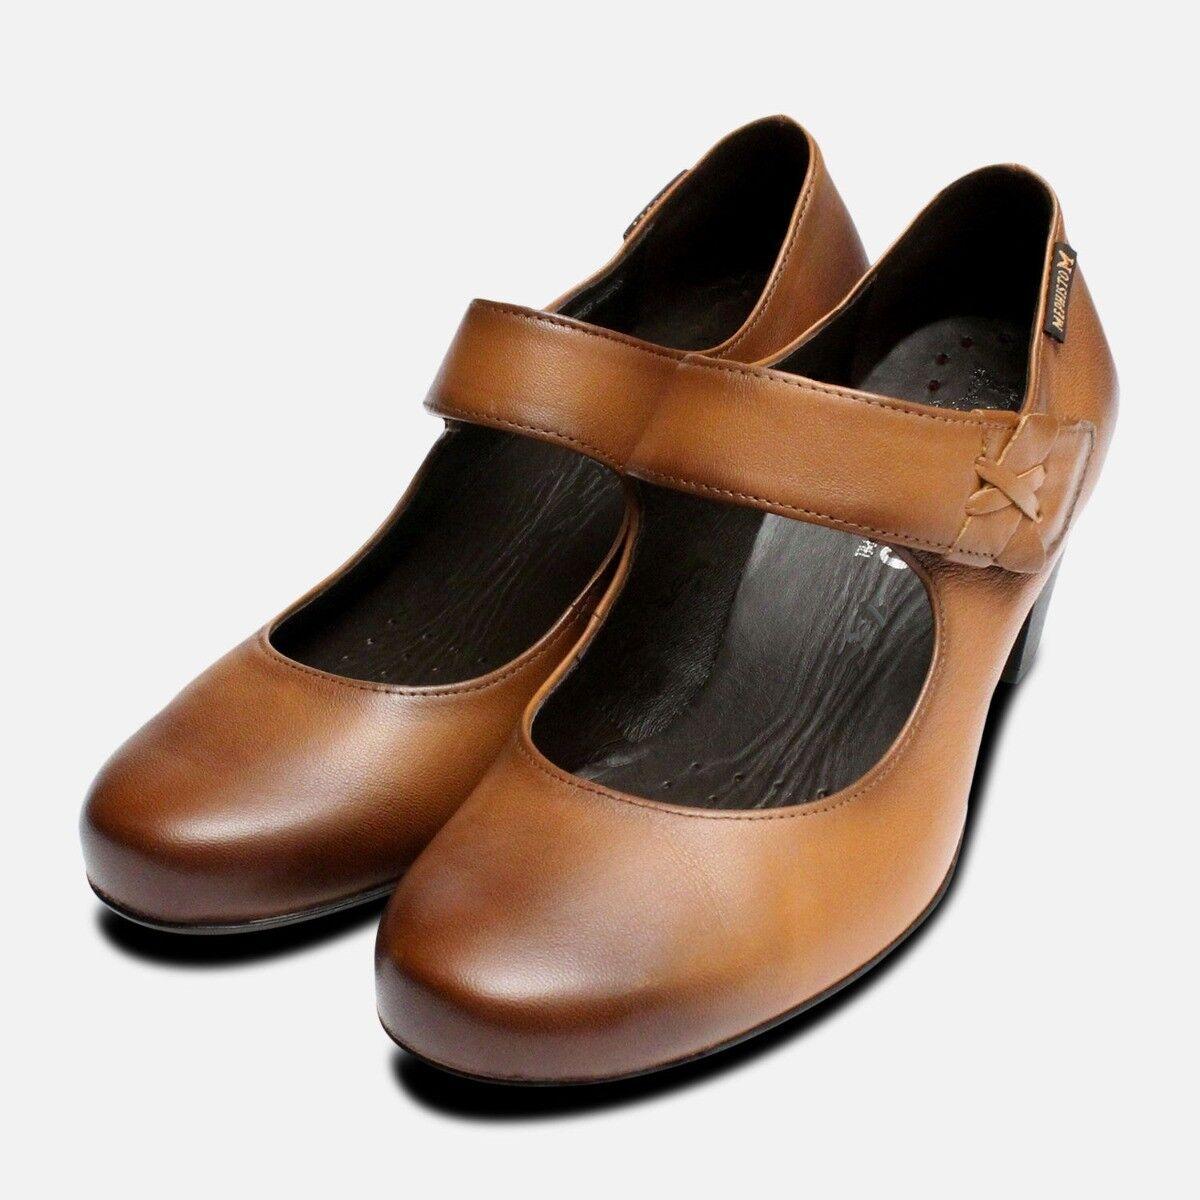 Mephisto Madisson Chaussures Femmes En Noisette Marron